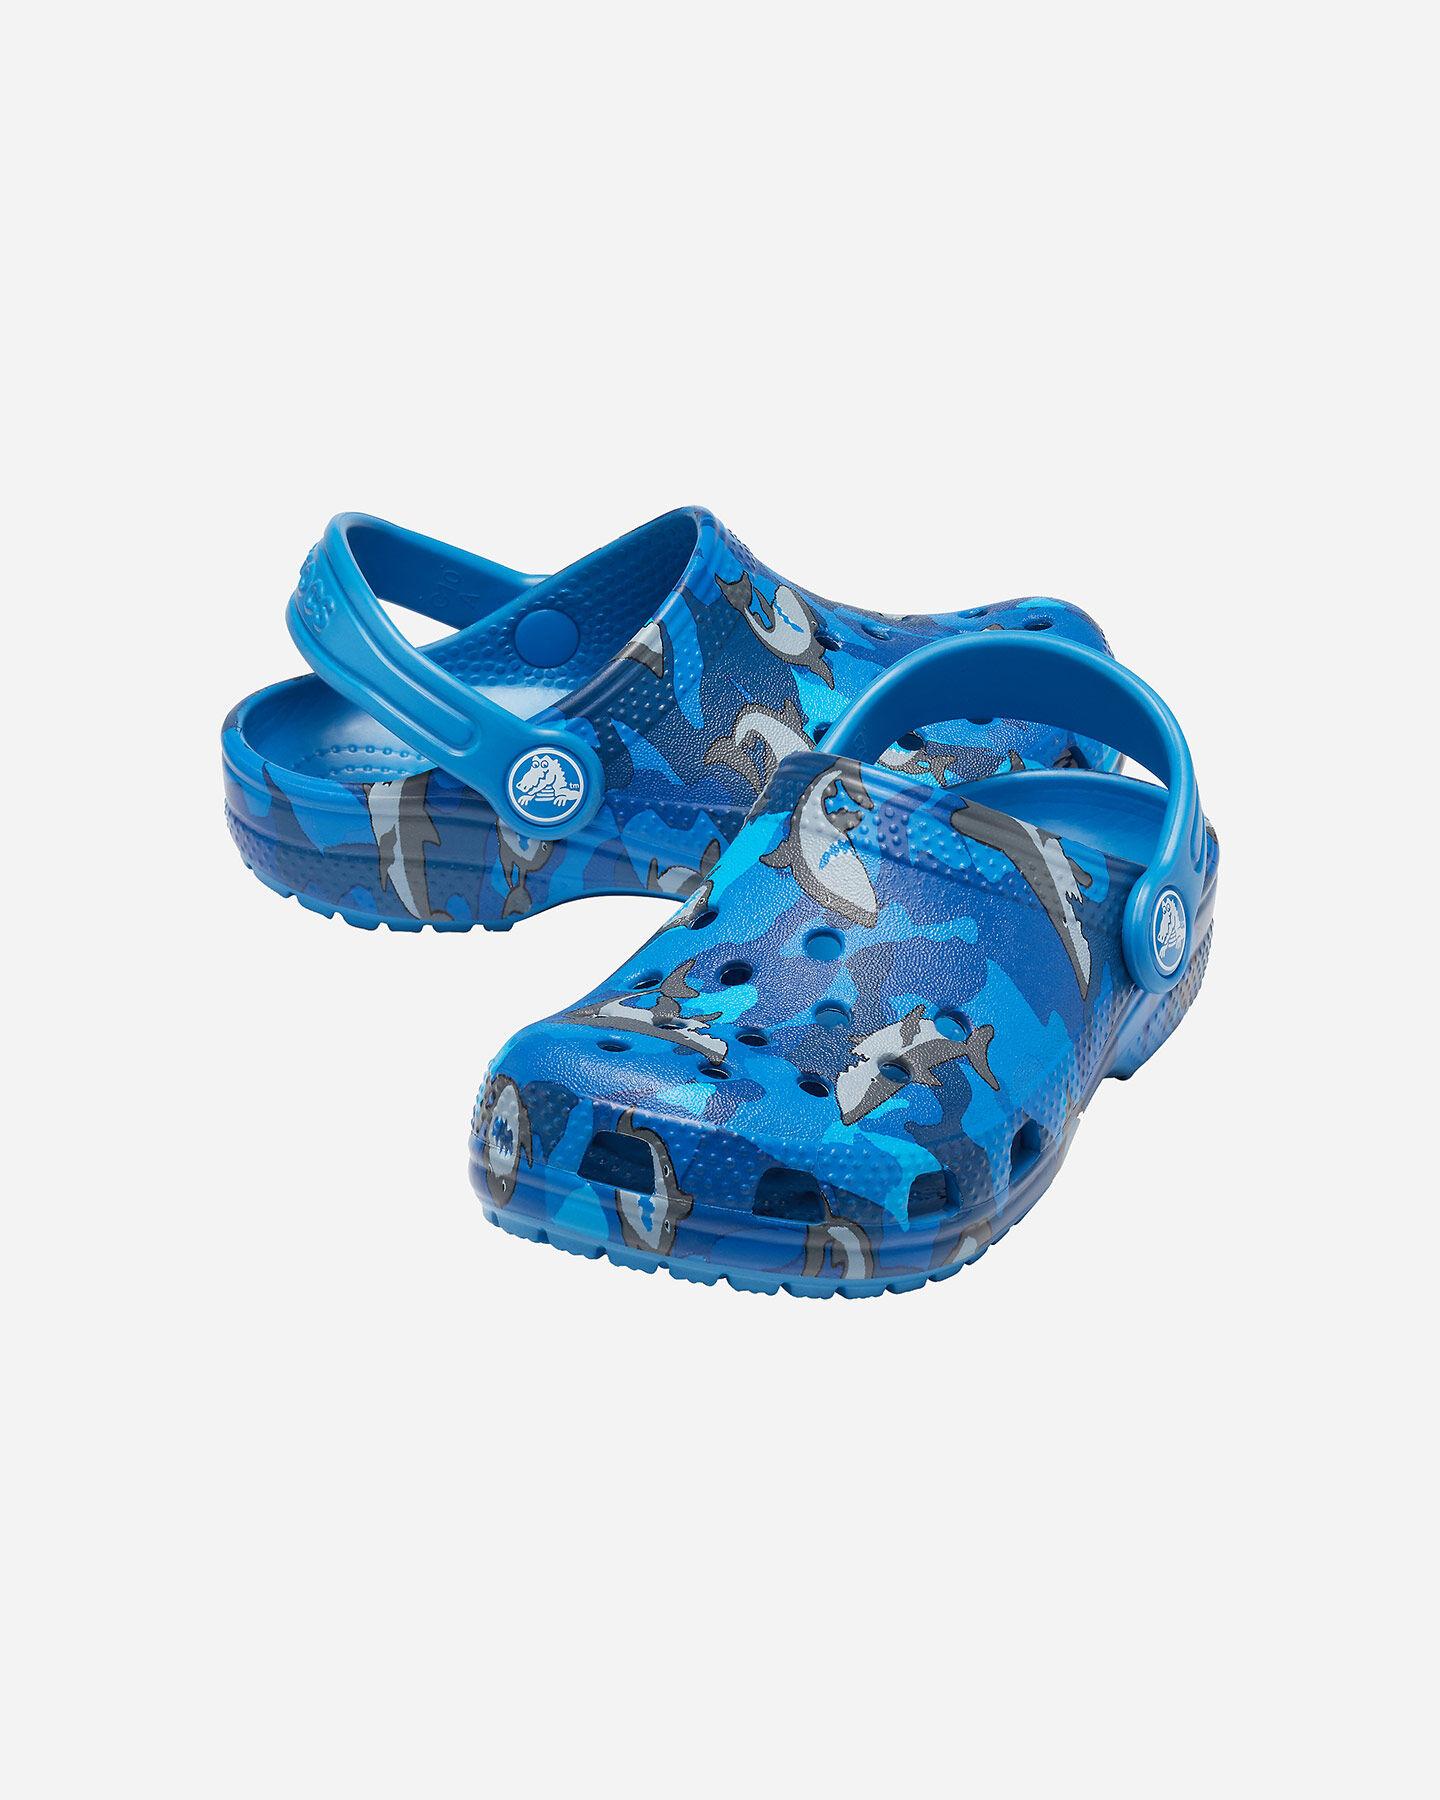 Sandali CROCS CLASSIC CLOG SHARK JR S4095180 scatto 1